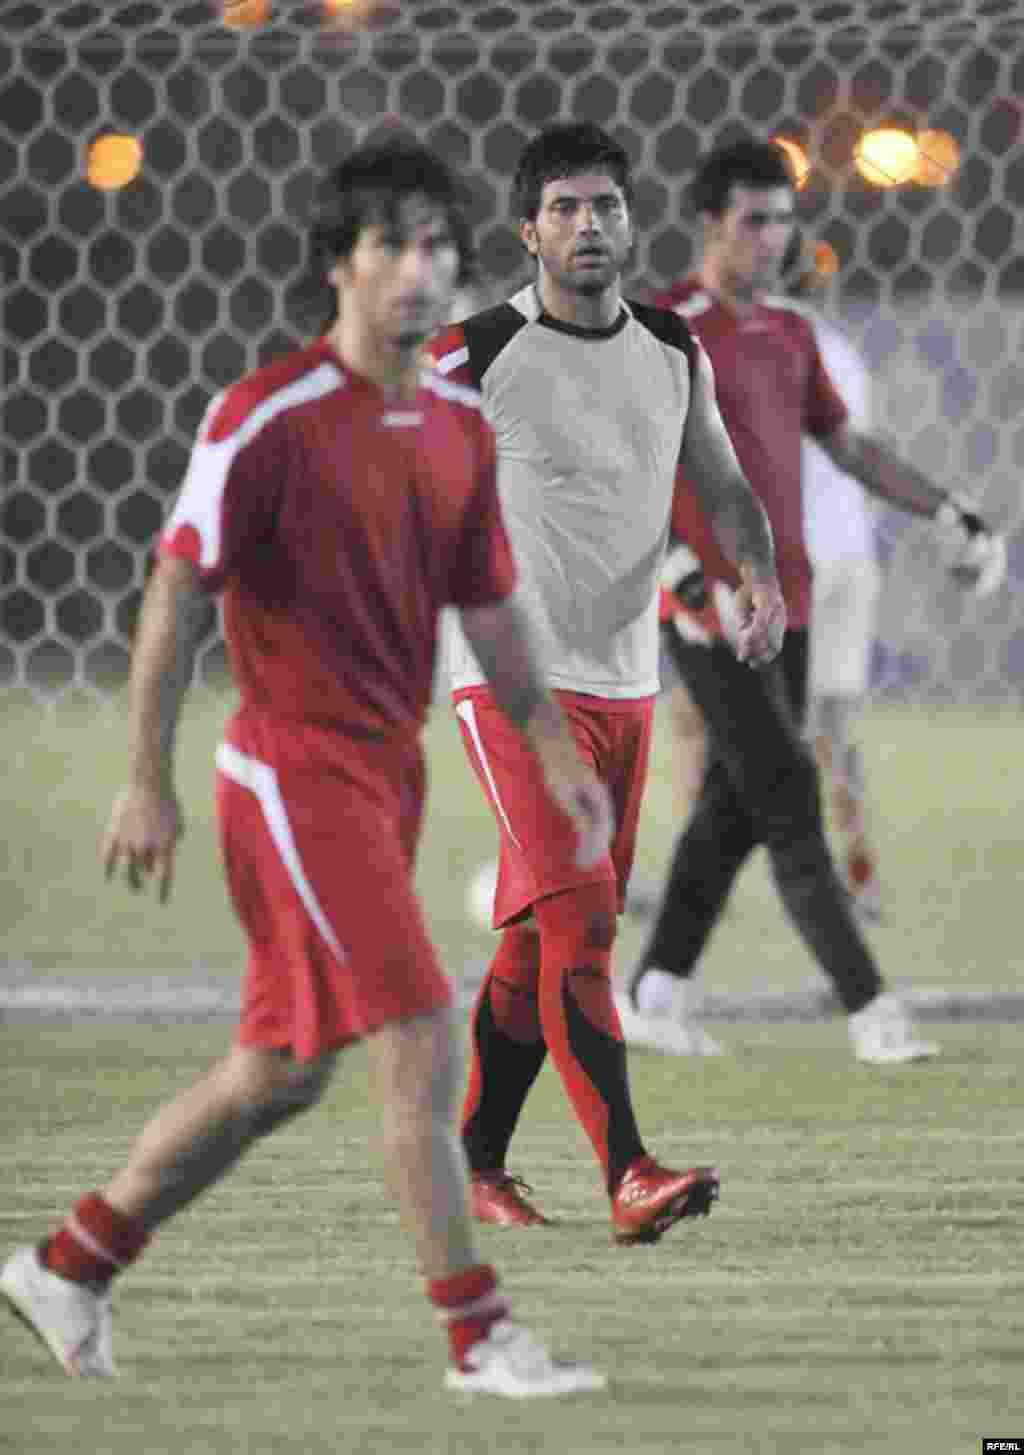 علیرضا نیکبخت واحدی، یکی از بازیکنان مشهور فوتبال ایران (وسط)